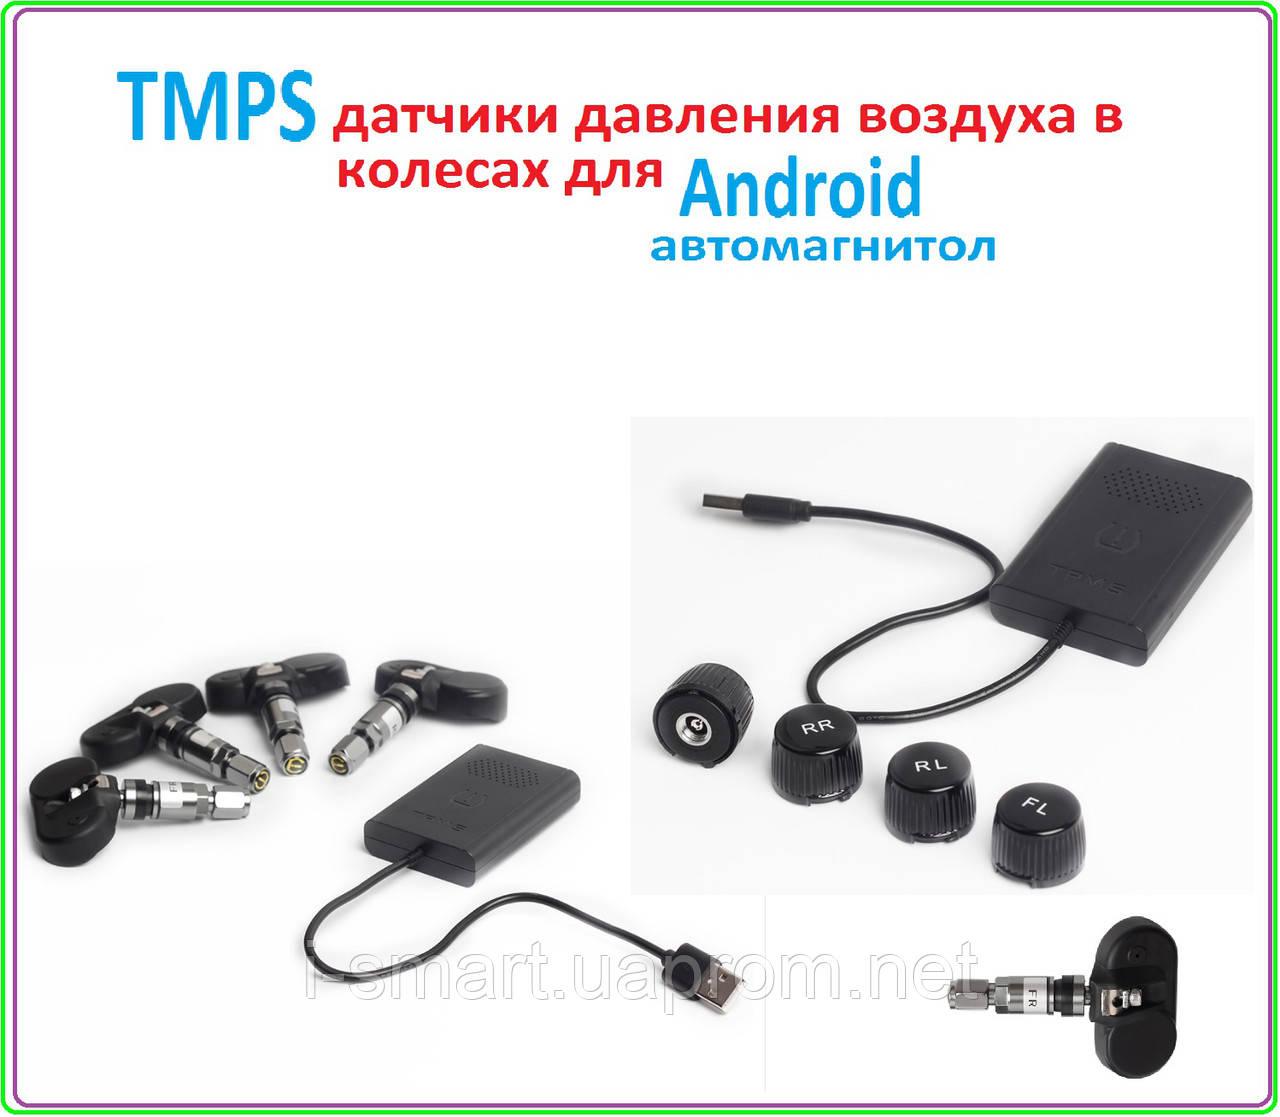 TMPS датчики давления воздуха в колесах для Android